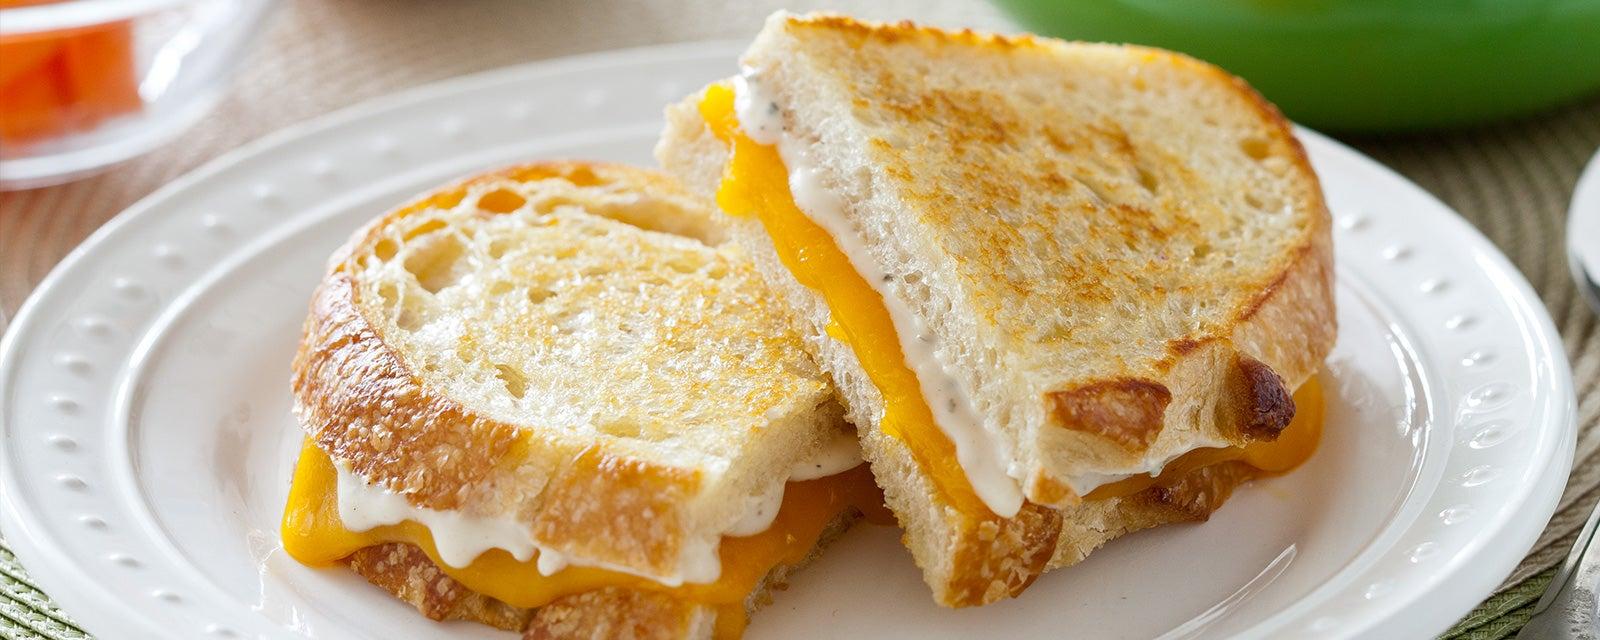 Garlic Parmesan Grilled Cheese Sandwich Recipe Hidden Valley 174 Ranch